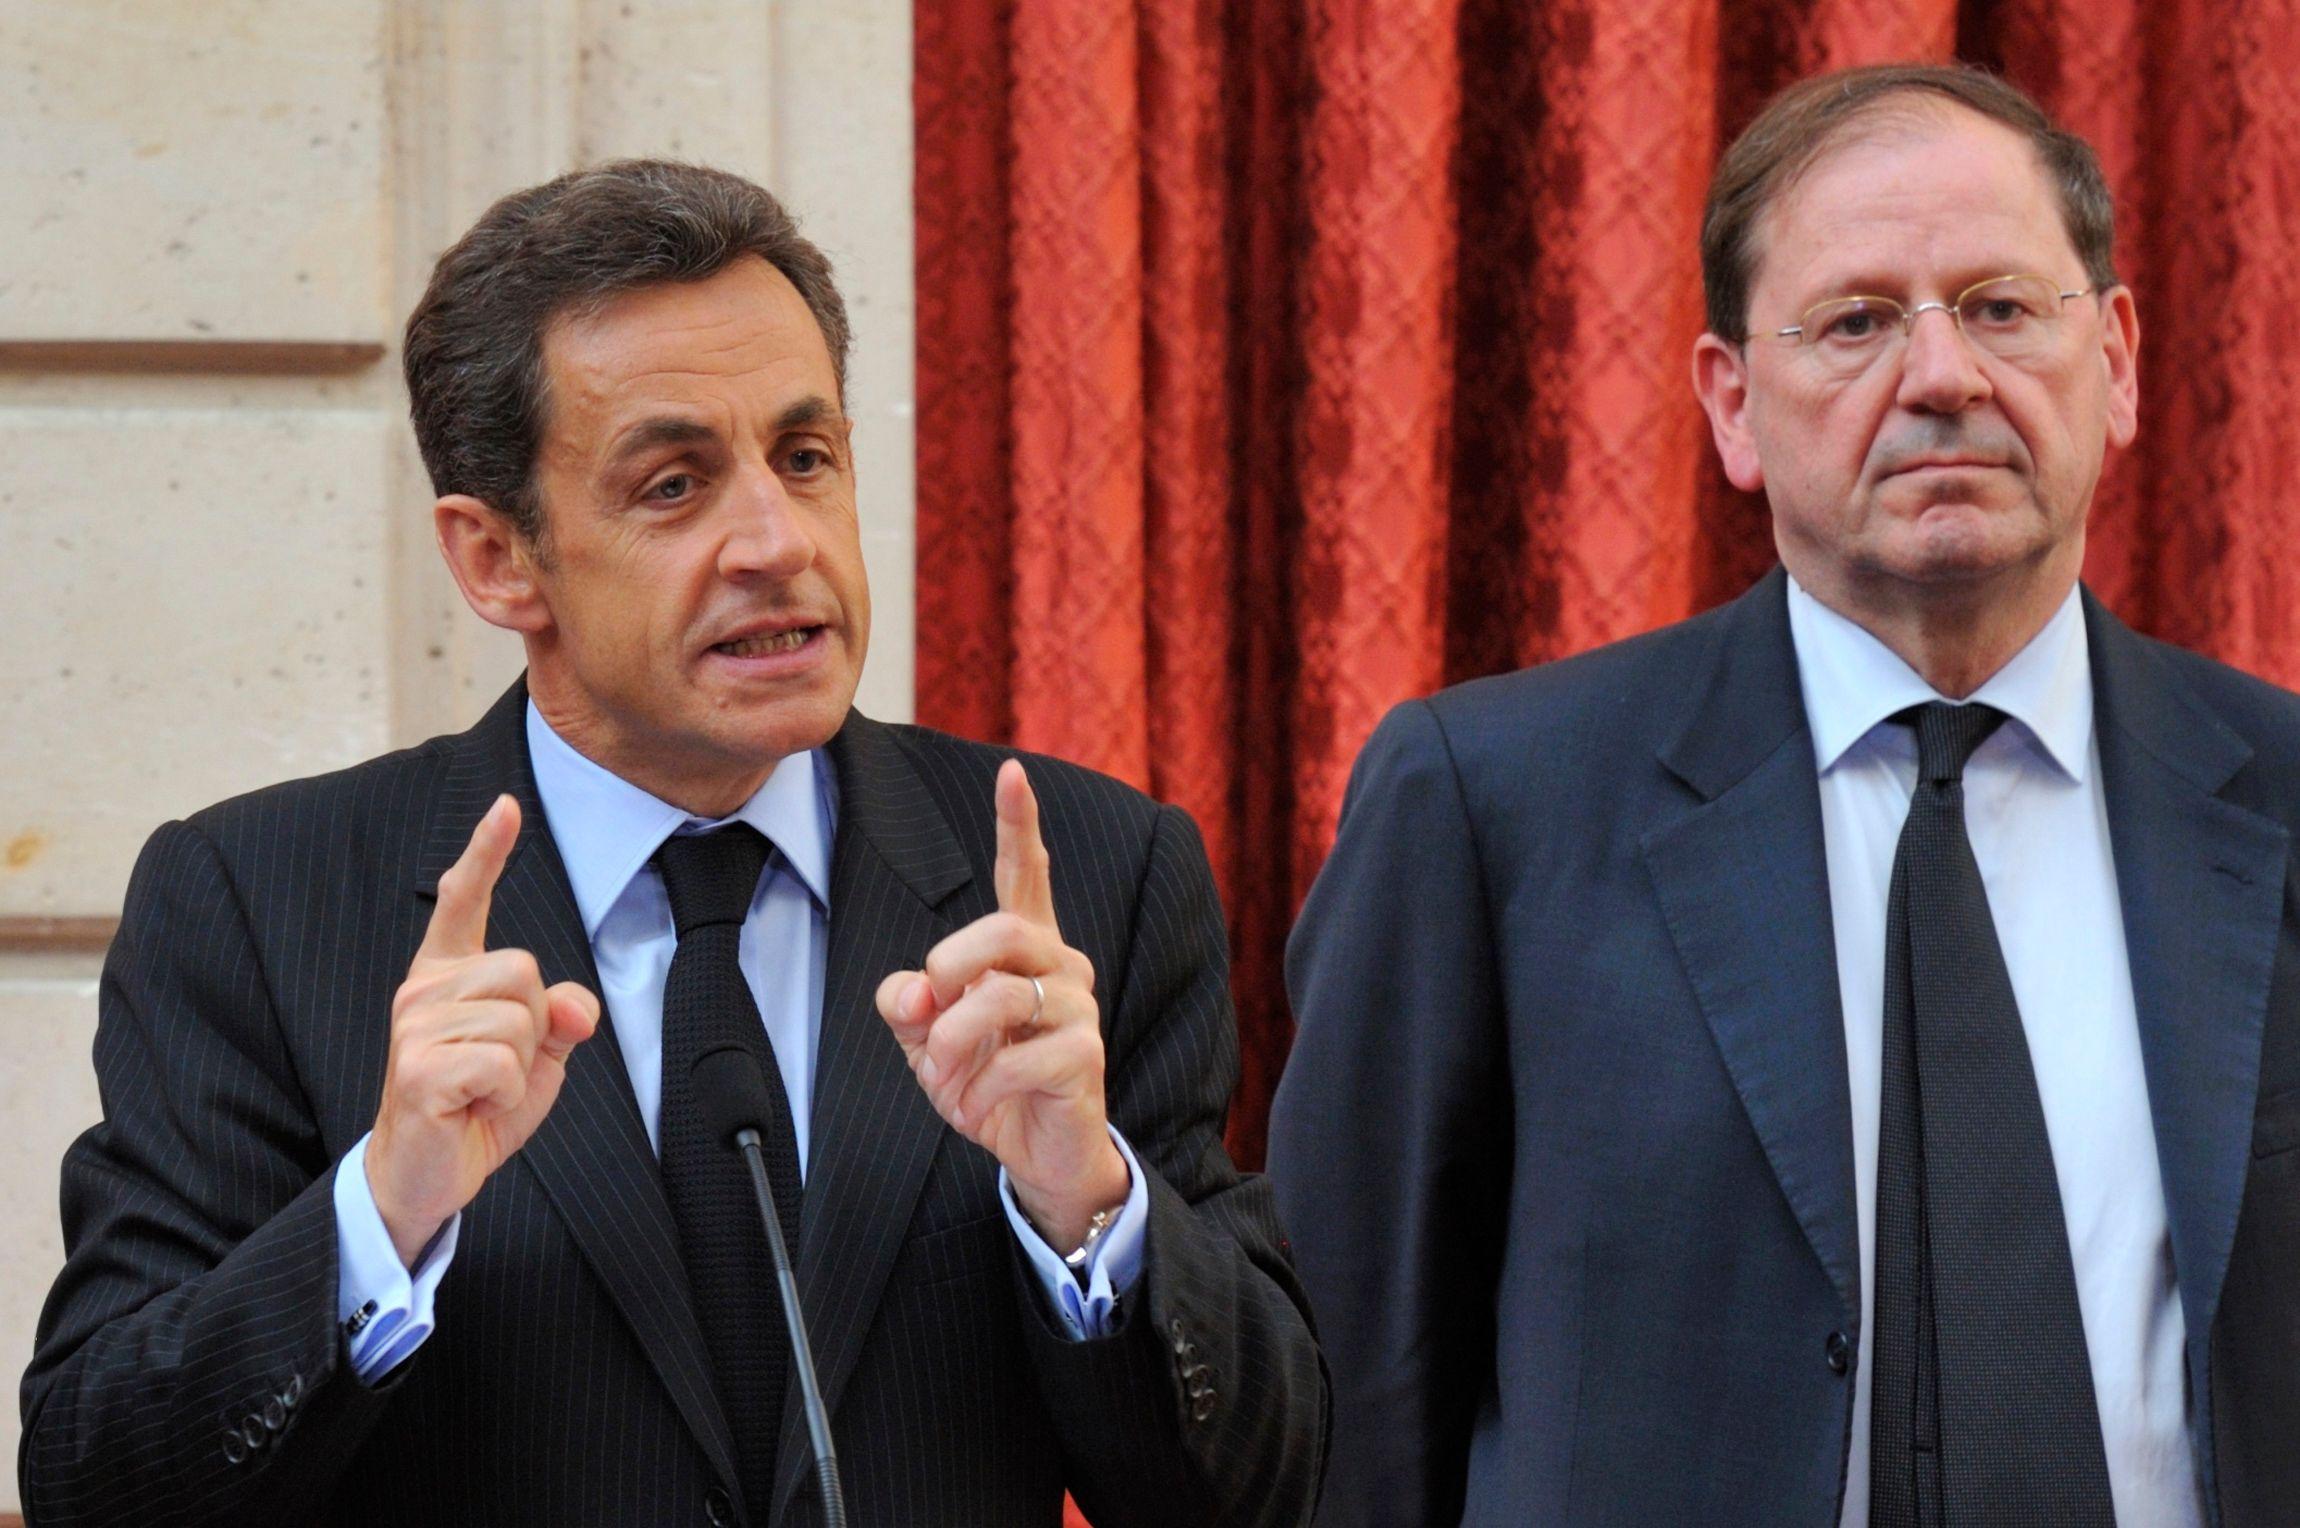 Hervé Novelli veut supprimer les 35 heures en cas de victoire de la droite en 2012.